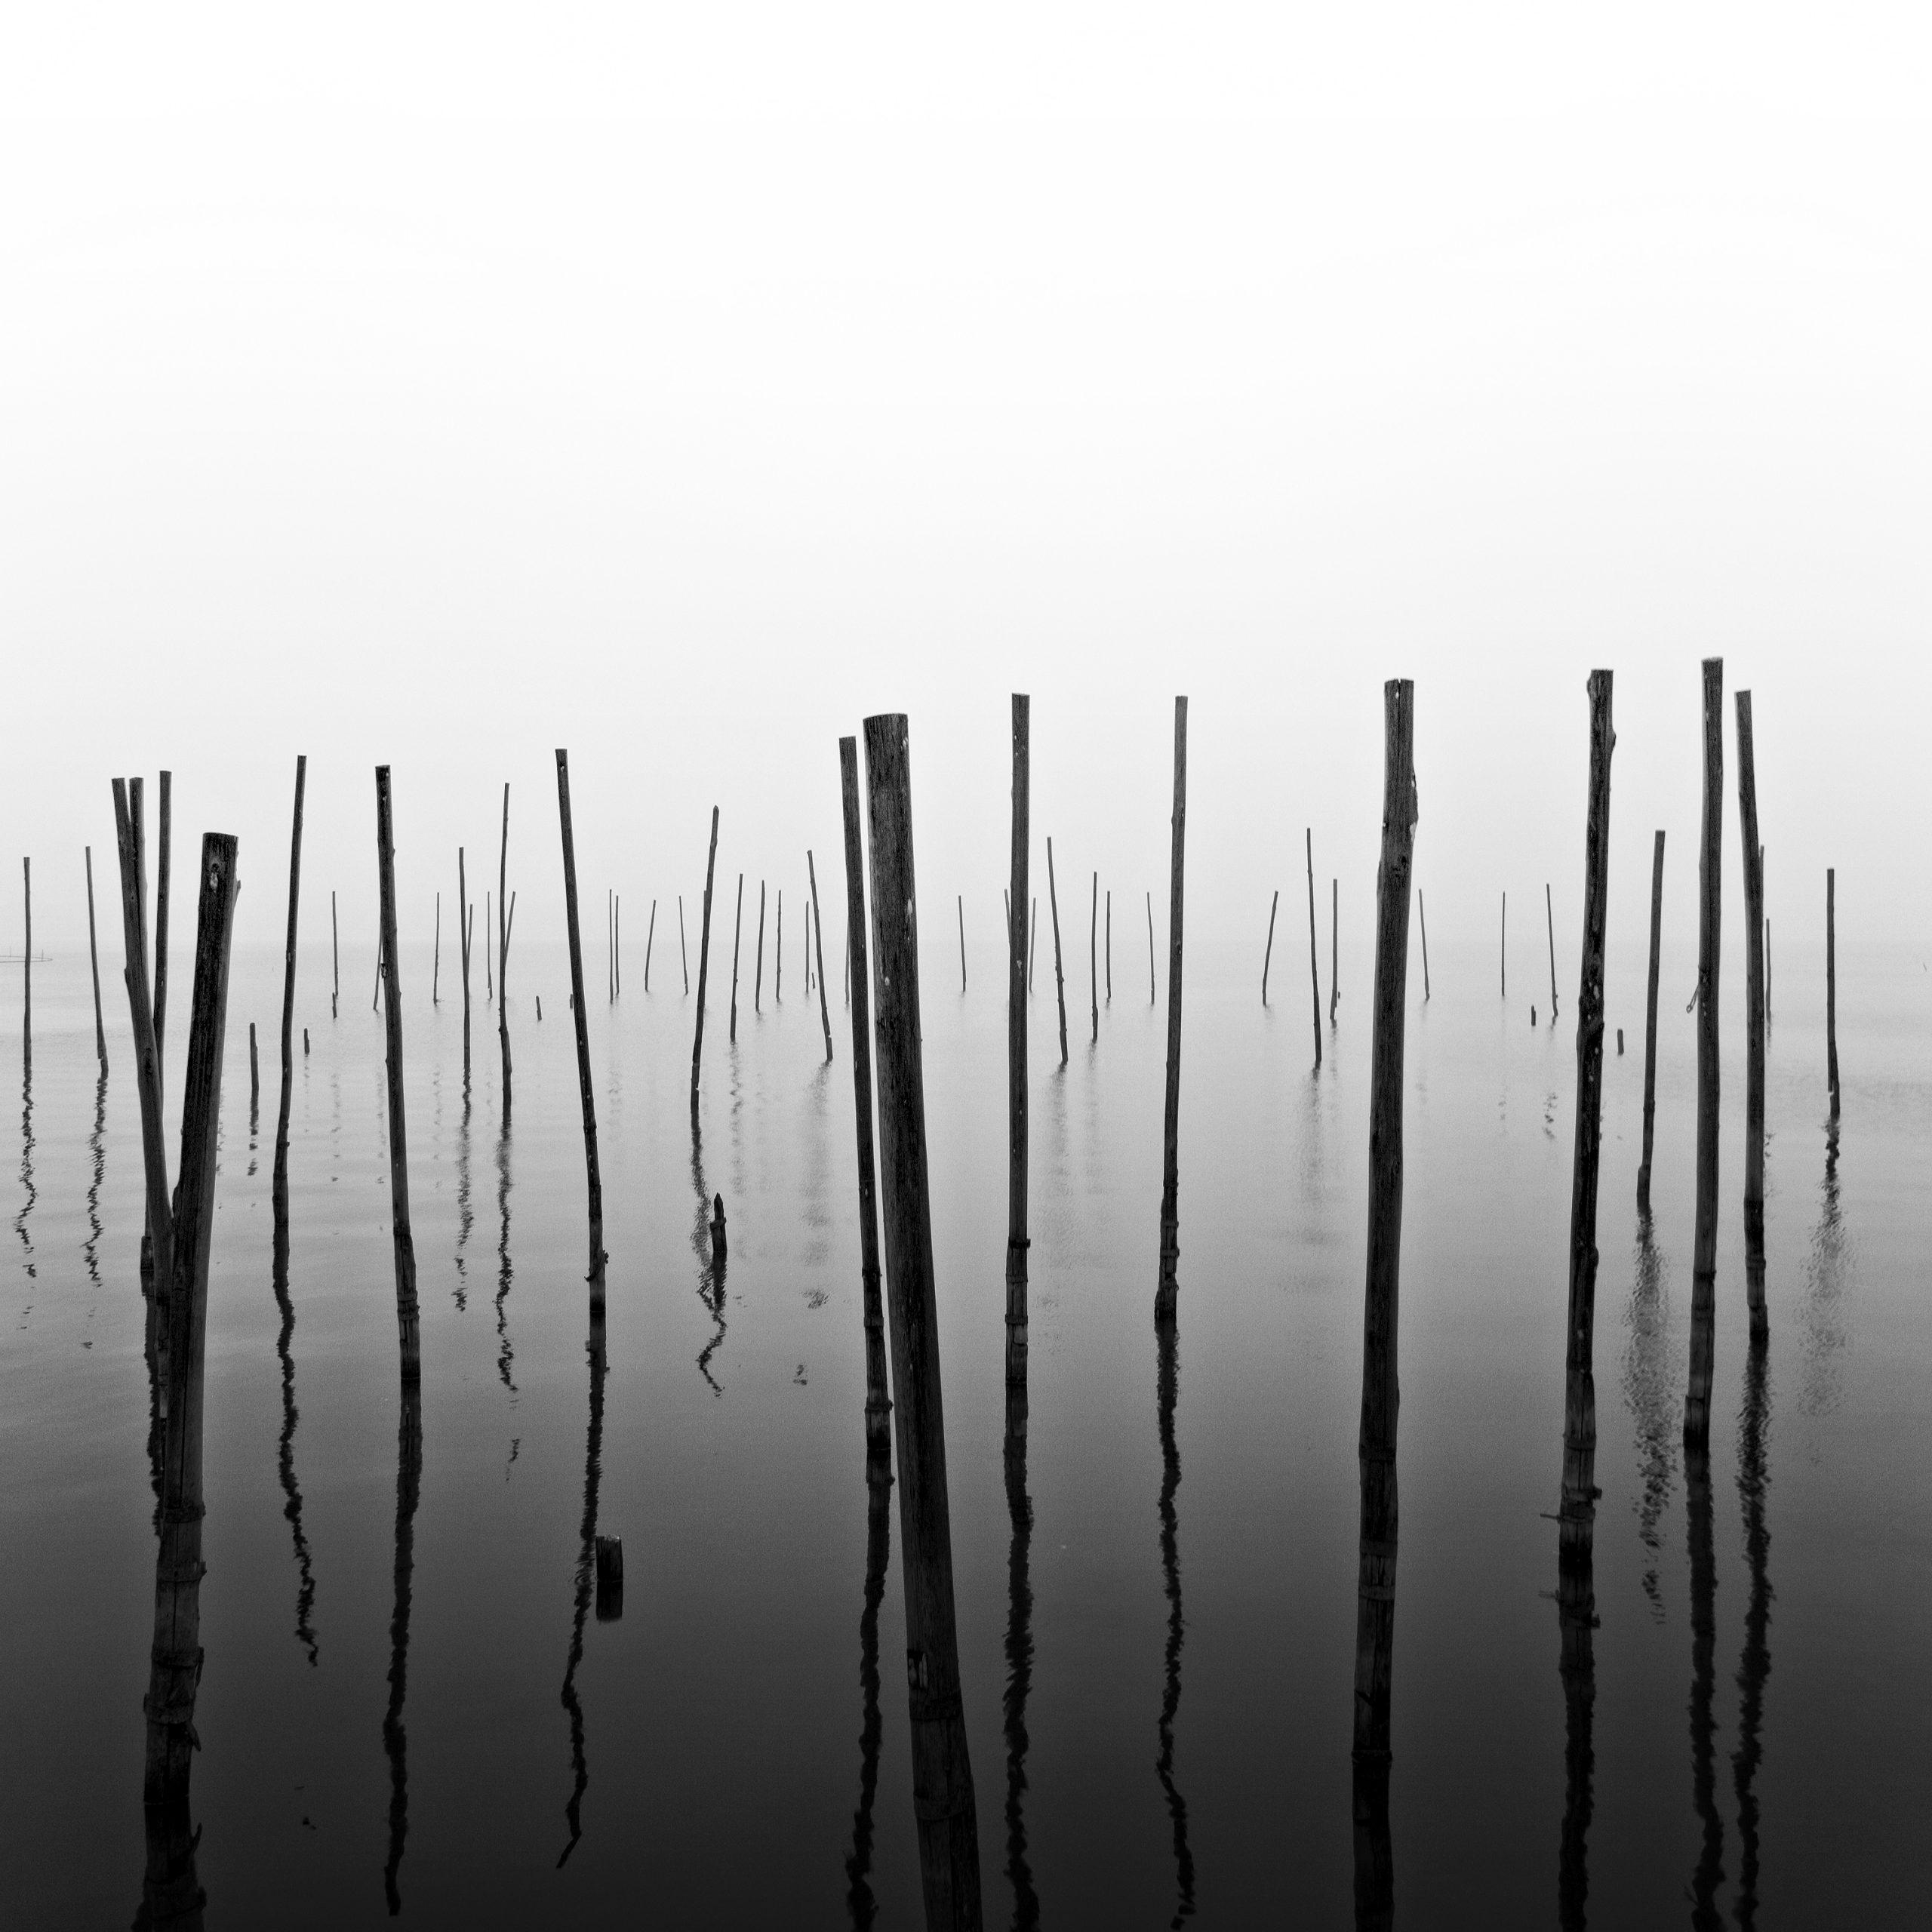 Pcb1030sq The Fishing Poles Reduced